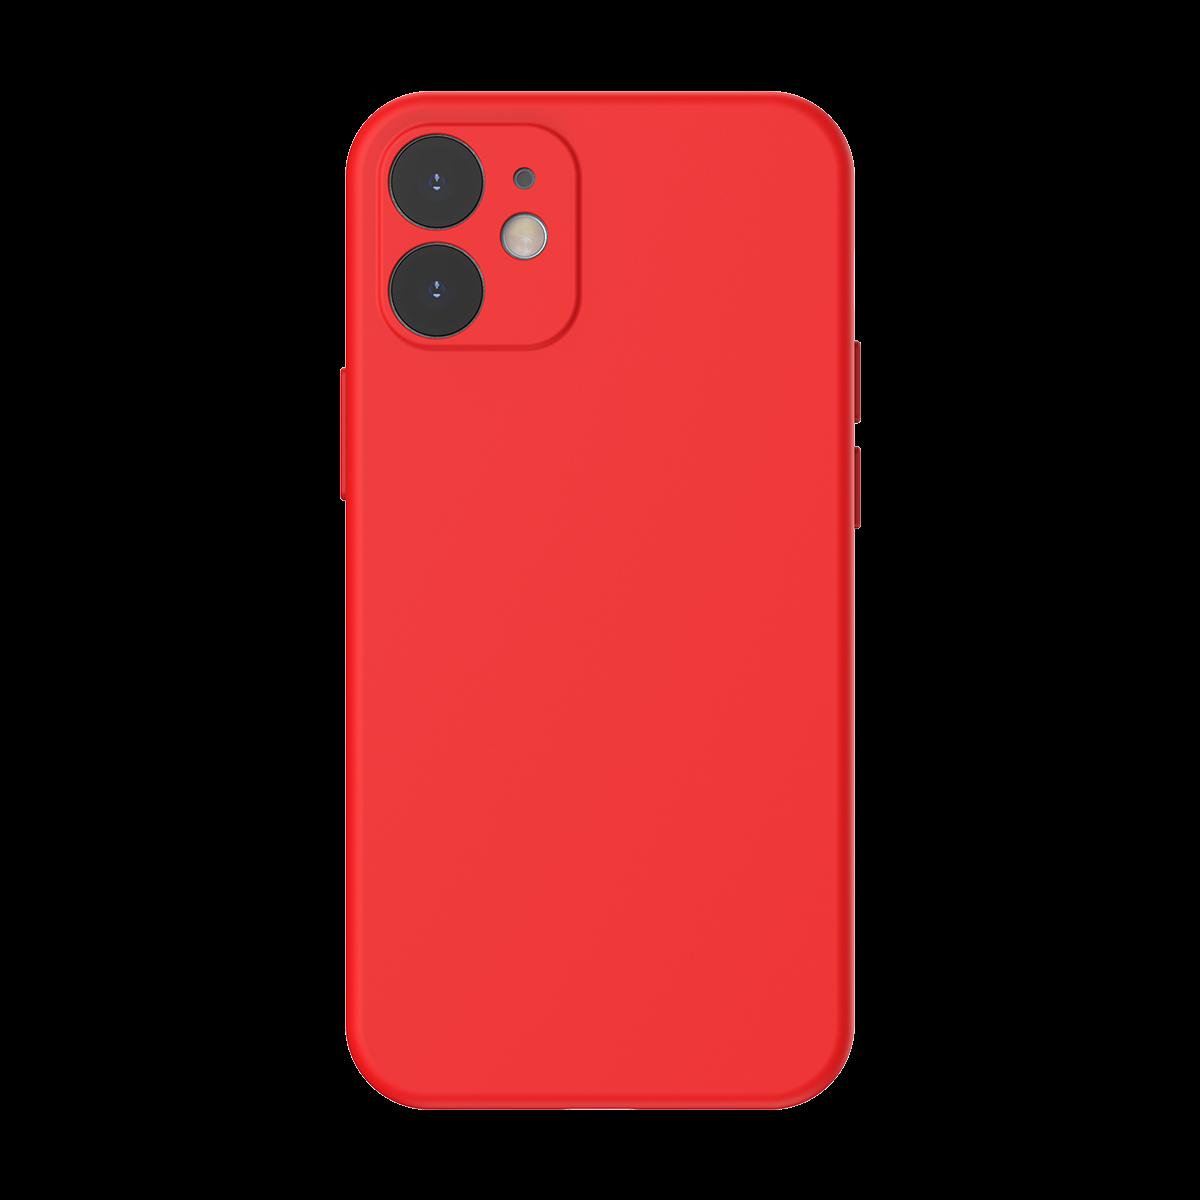 Husa pentru Apple iPhone 12 Mini, Baseus Protective Case, Silicon, Rosu, 5.4 inch imagine